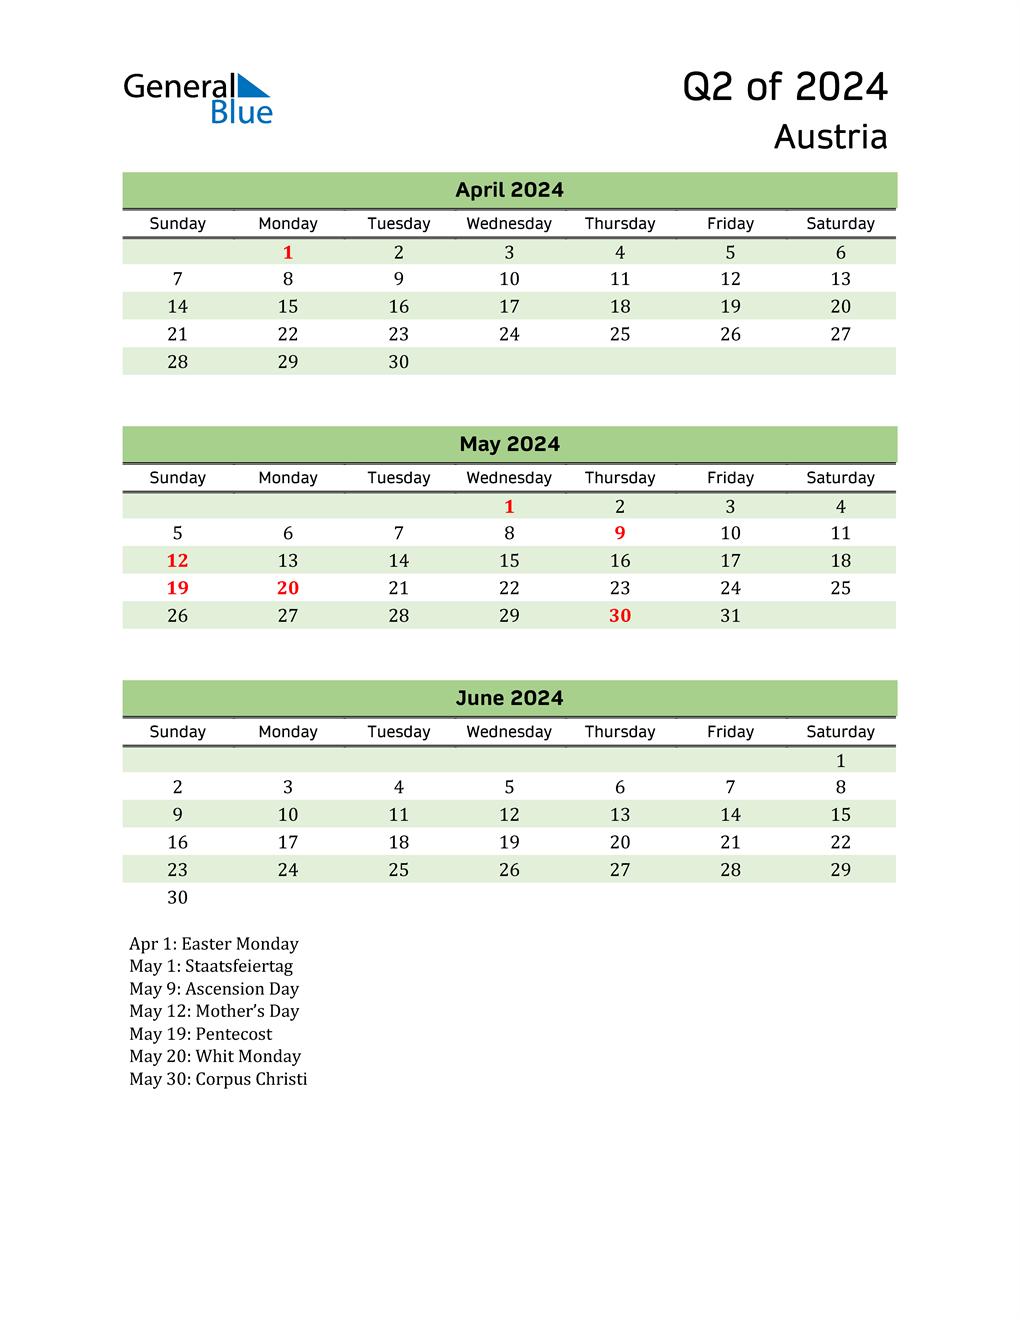 Quarterly Calendar 2024 with Austria Holidays